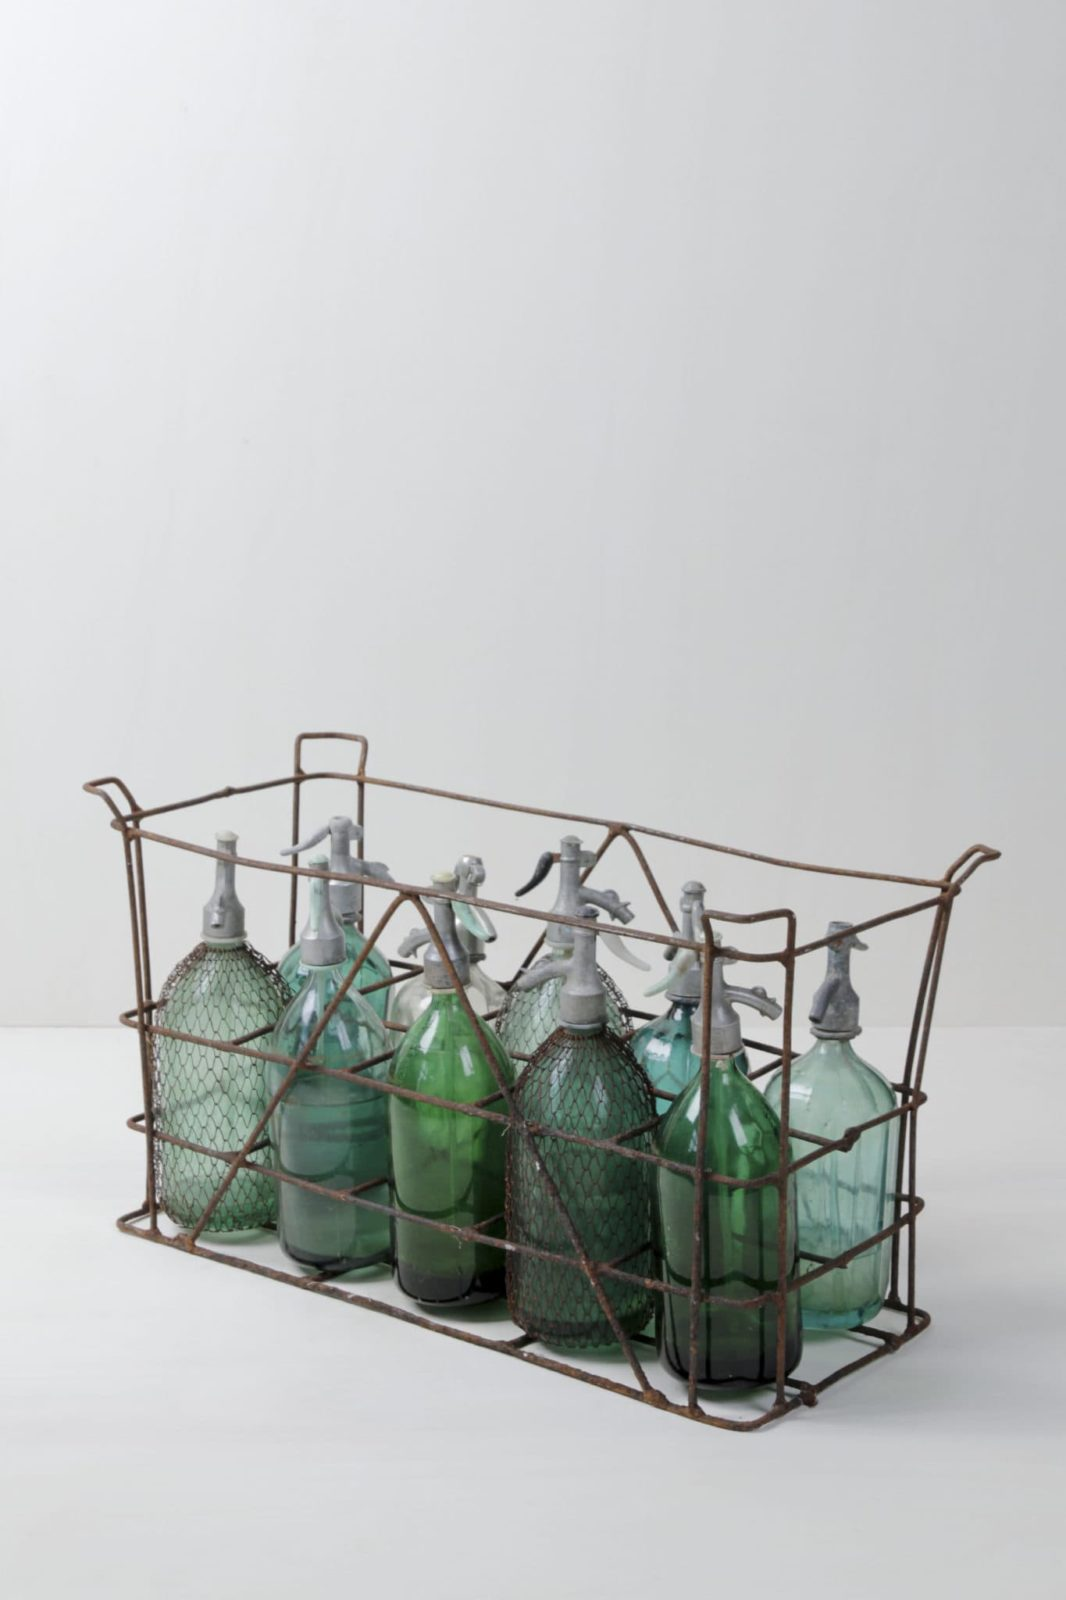 Sodakiste Tulio | Wundervolle vintage Sodaflaschen in der originalen Metallkiste mit je 10 Flaschen. Eindrucksvoll durch die schillernden Farben der Flaschen. Die Sodaflaschen sind auch einzeln verfügbar. | gotvintage Rental & Event Design